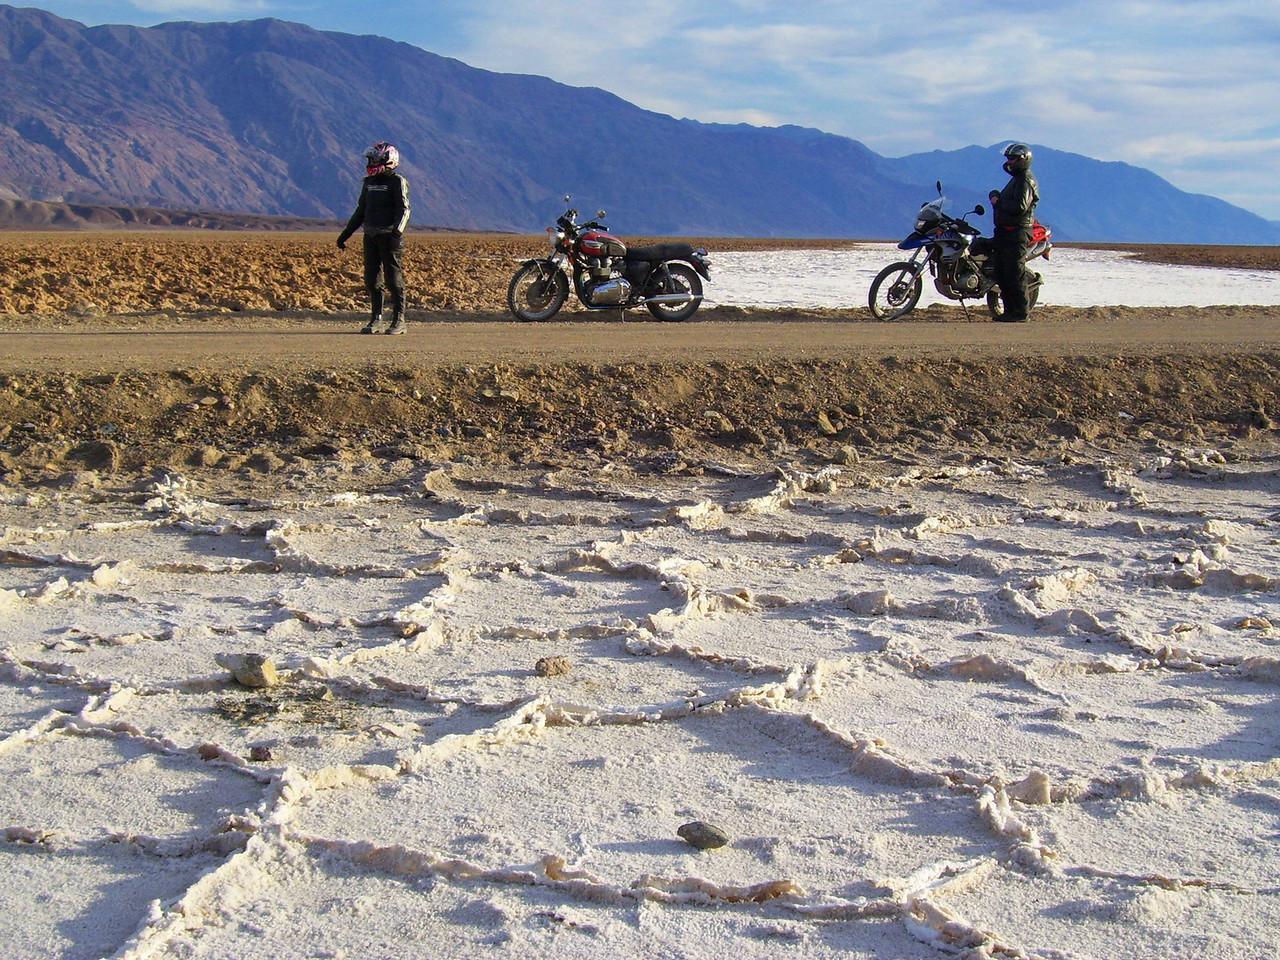 Salt flats. it was hard like asphault.